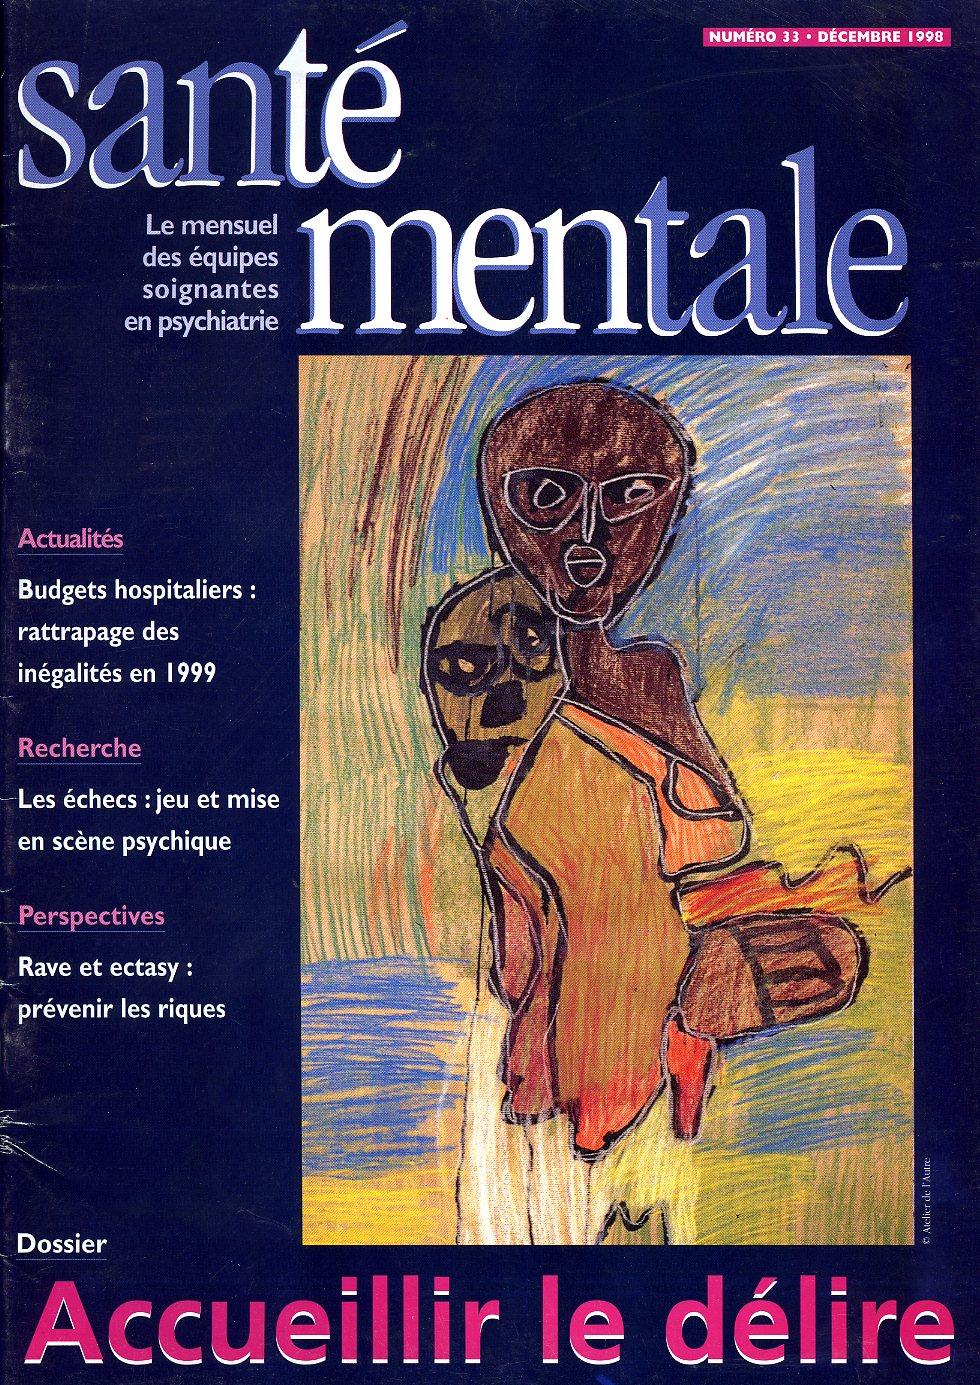 Couverture N°33 décembre 1998